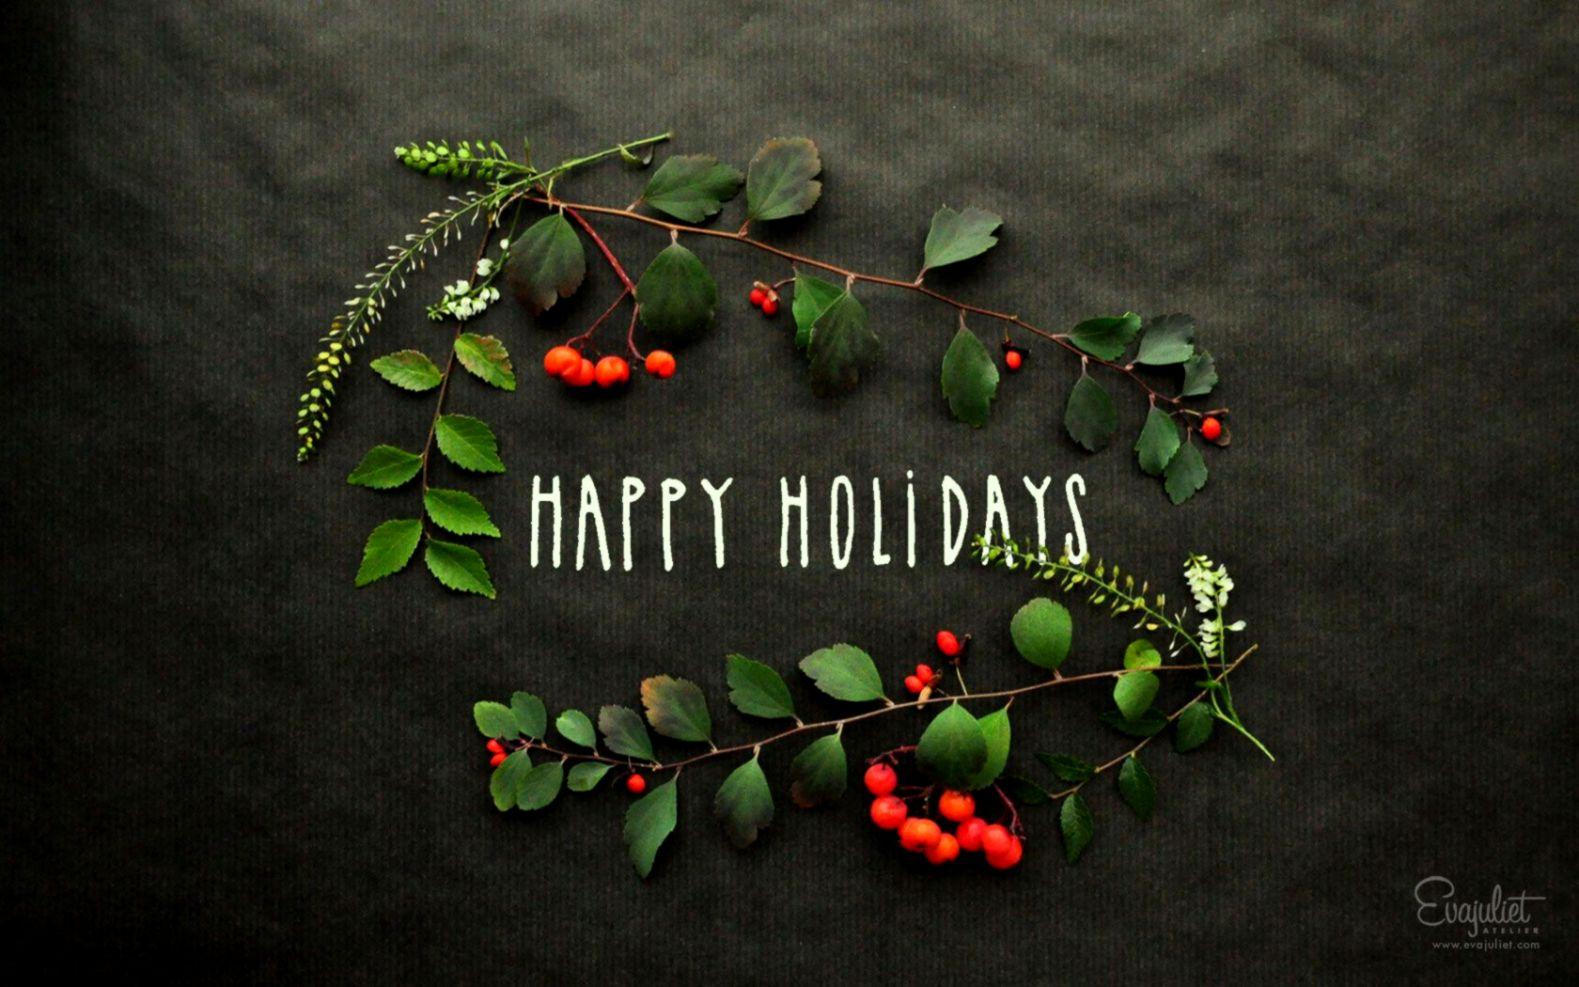 Pinterest Desktop Christmas Wallpaper Hd